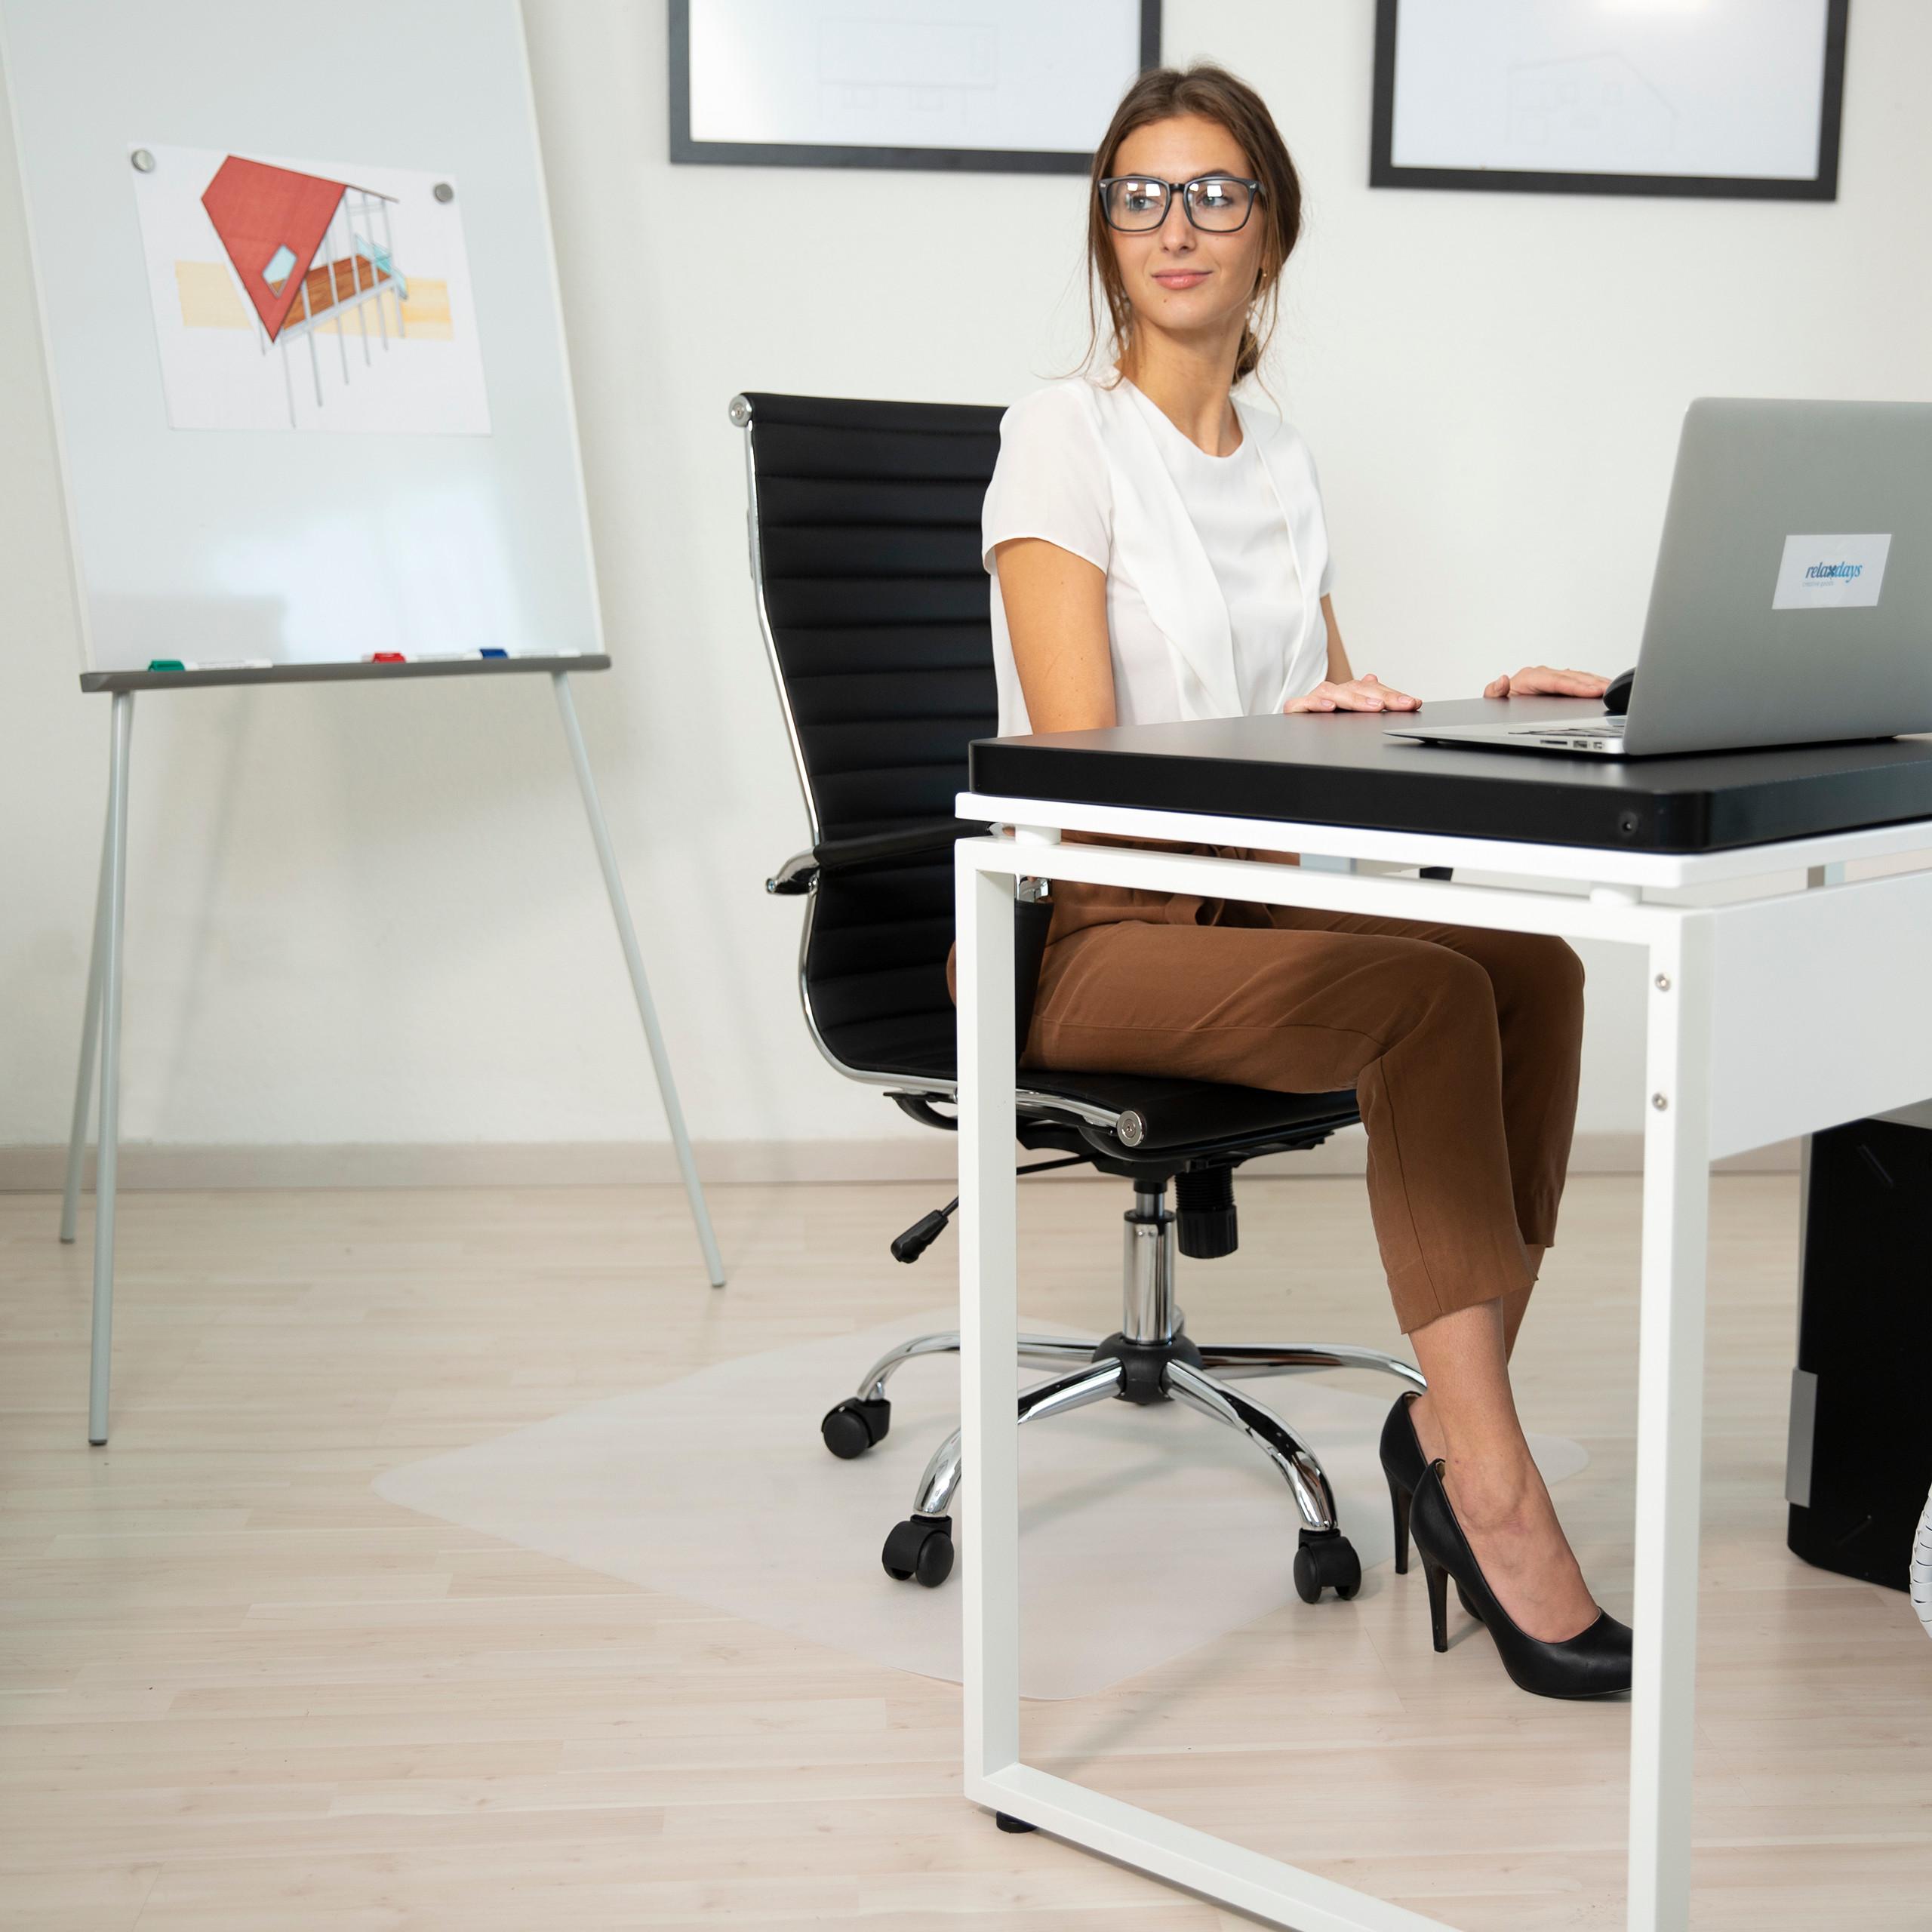 Sedia-per-ufficio-sottoposto-bianco-protezione-del-suolo-TAPPETO-3-dimensioni-unterlegmatten